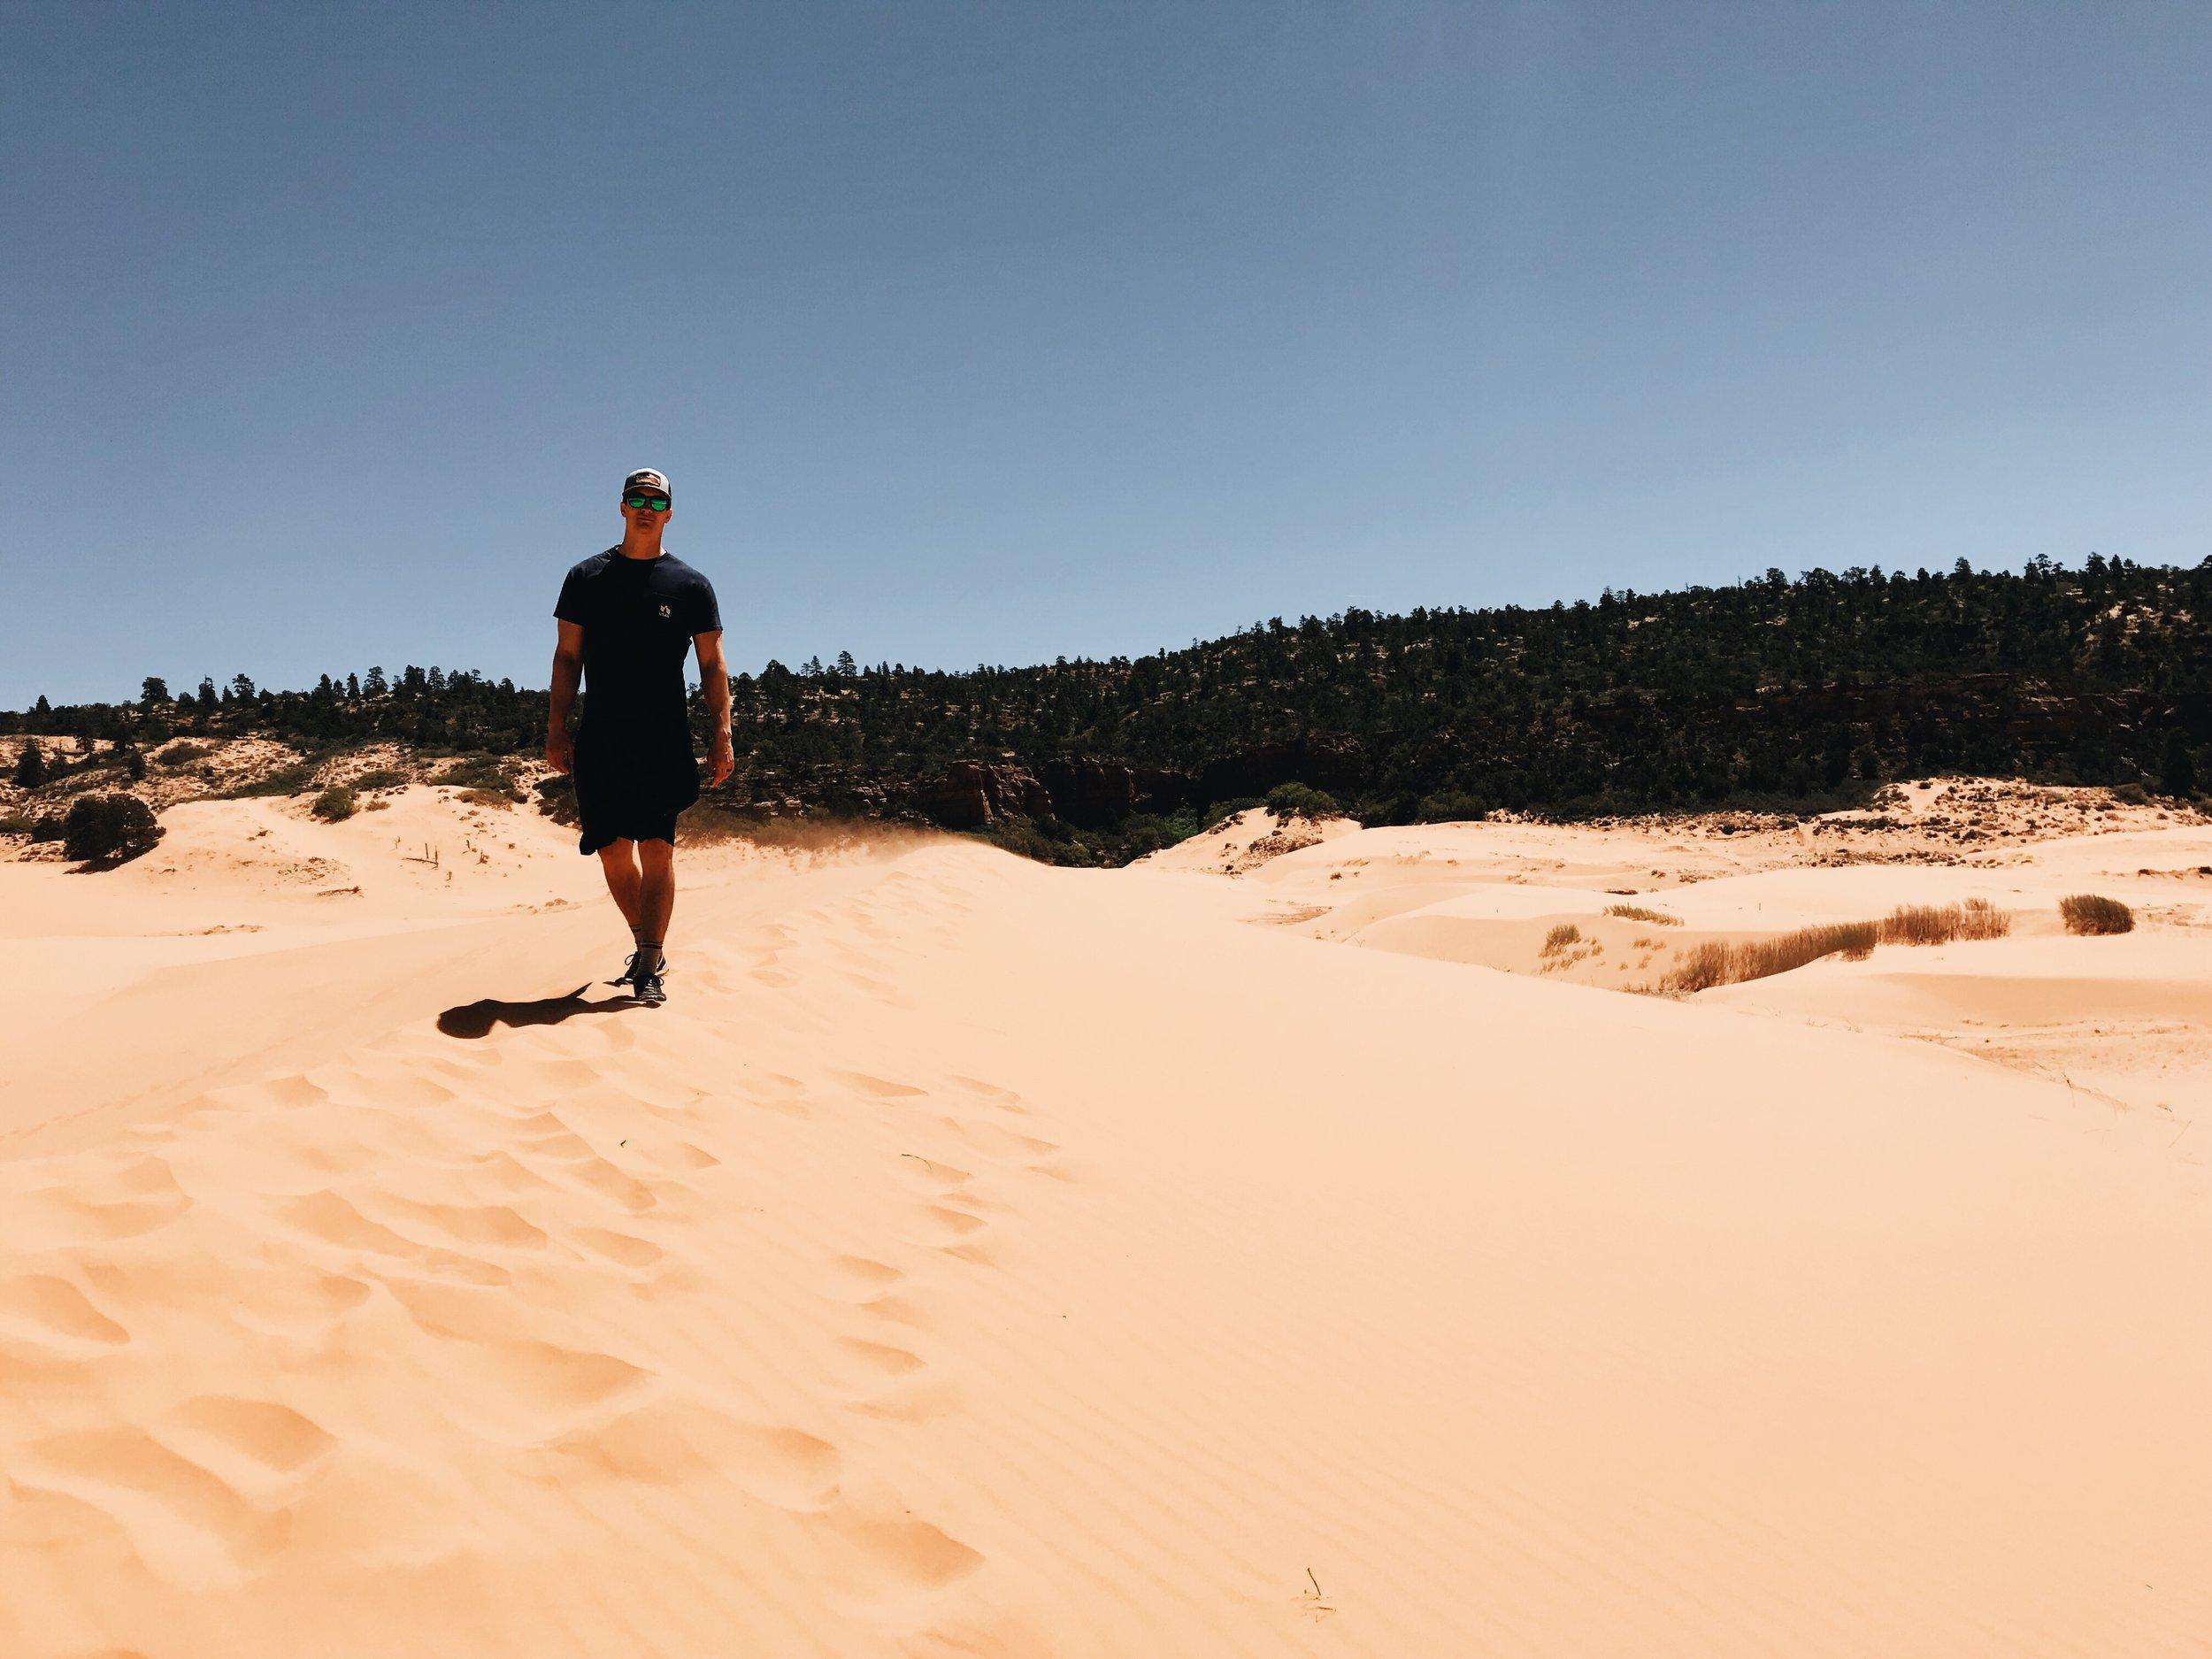 Alec at Coral Sand Dunes State Park. Mt Carmel Junction, UT